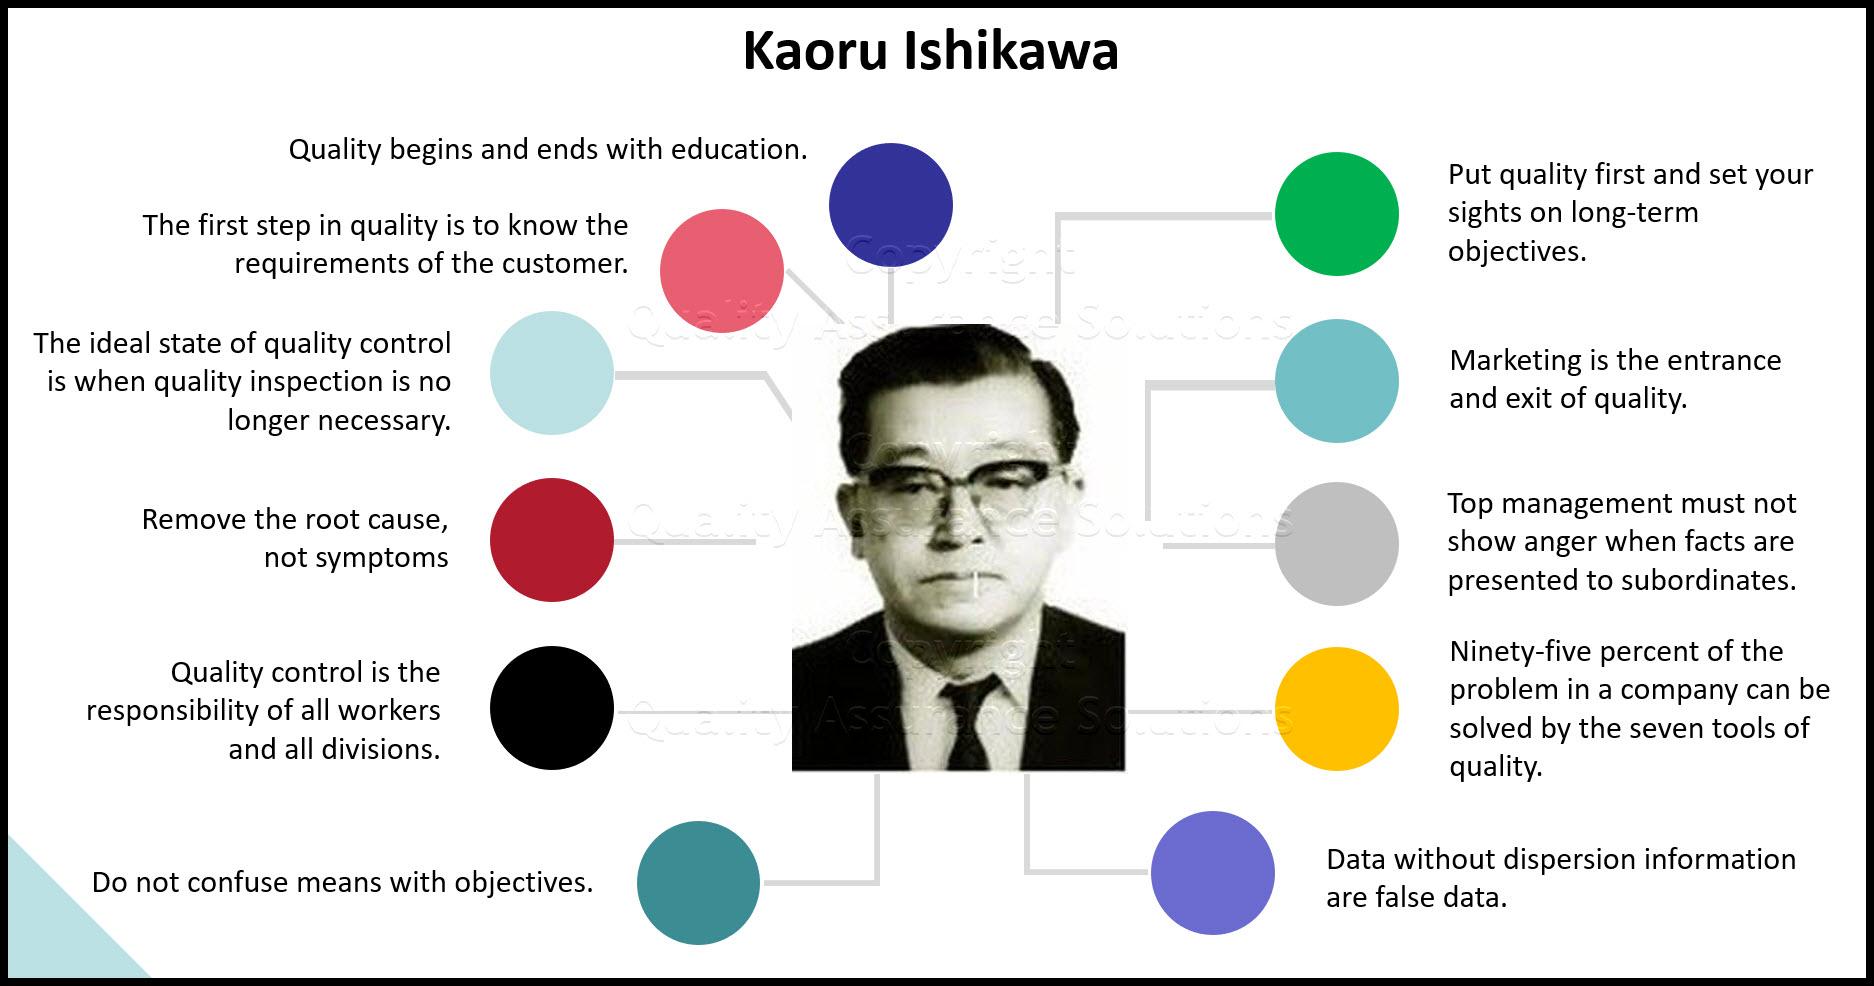 Kaoru Ishikawa business slide